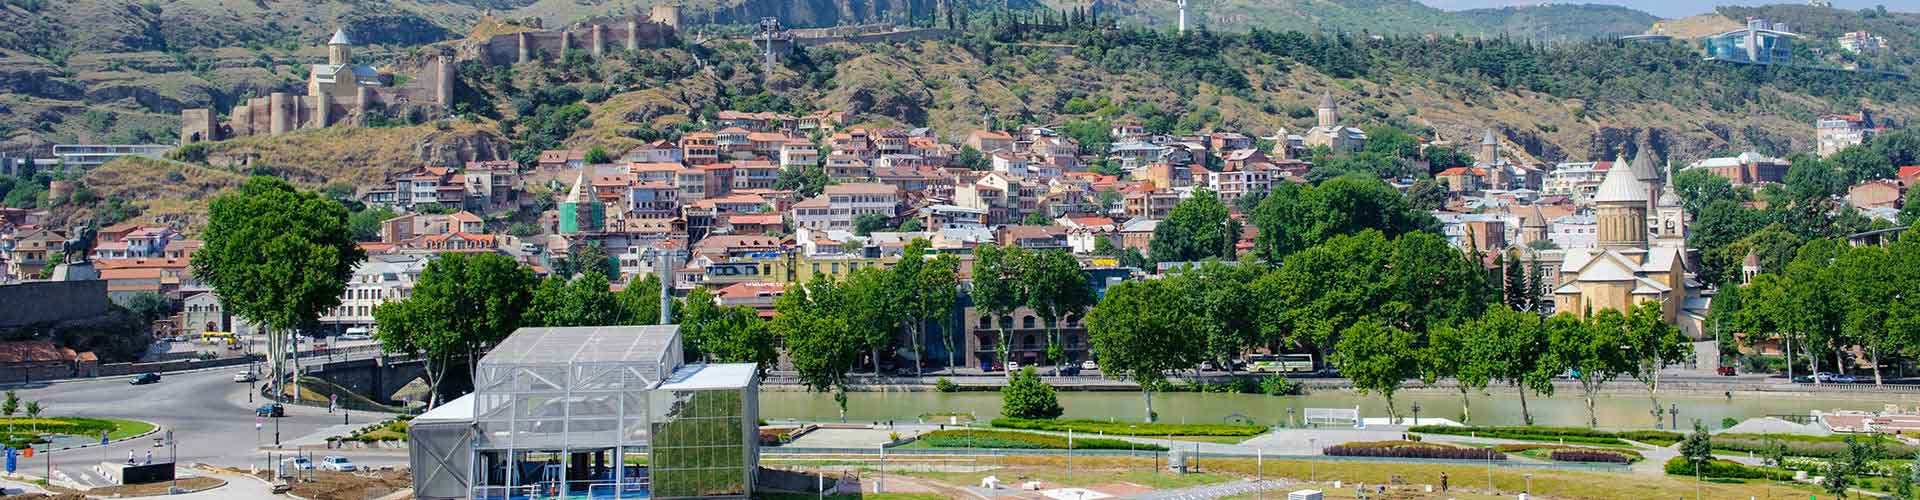 Tiflis – Hostels in Tiflis. Tiflis auf der Karte. Fotos und Bewertungen für jedes Hostel in Tiflis.